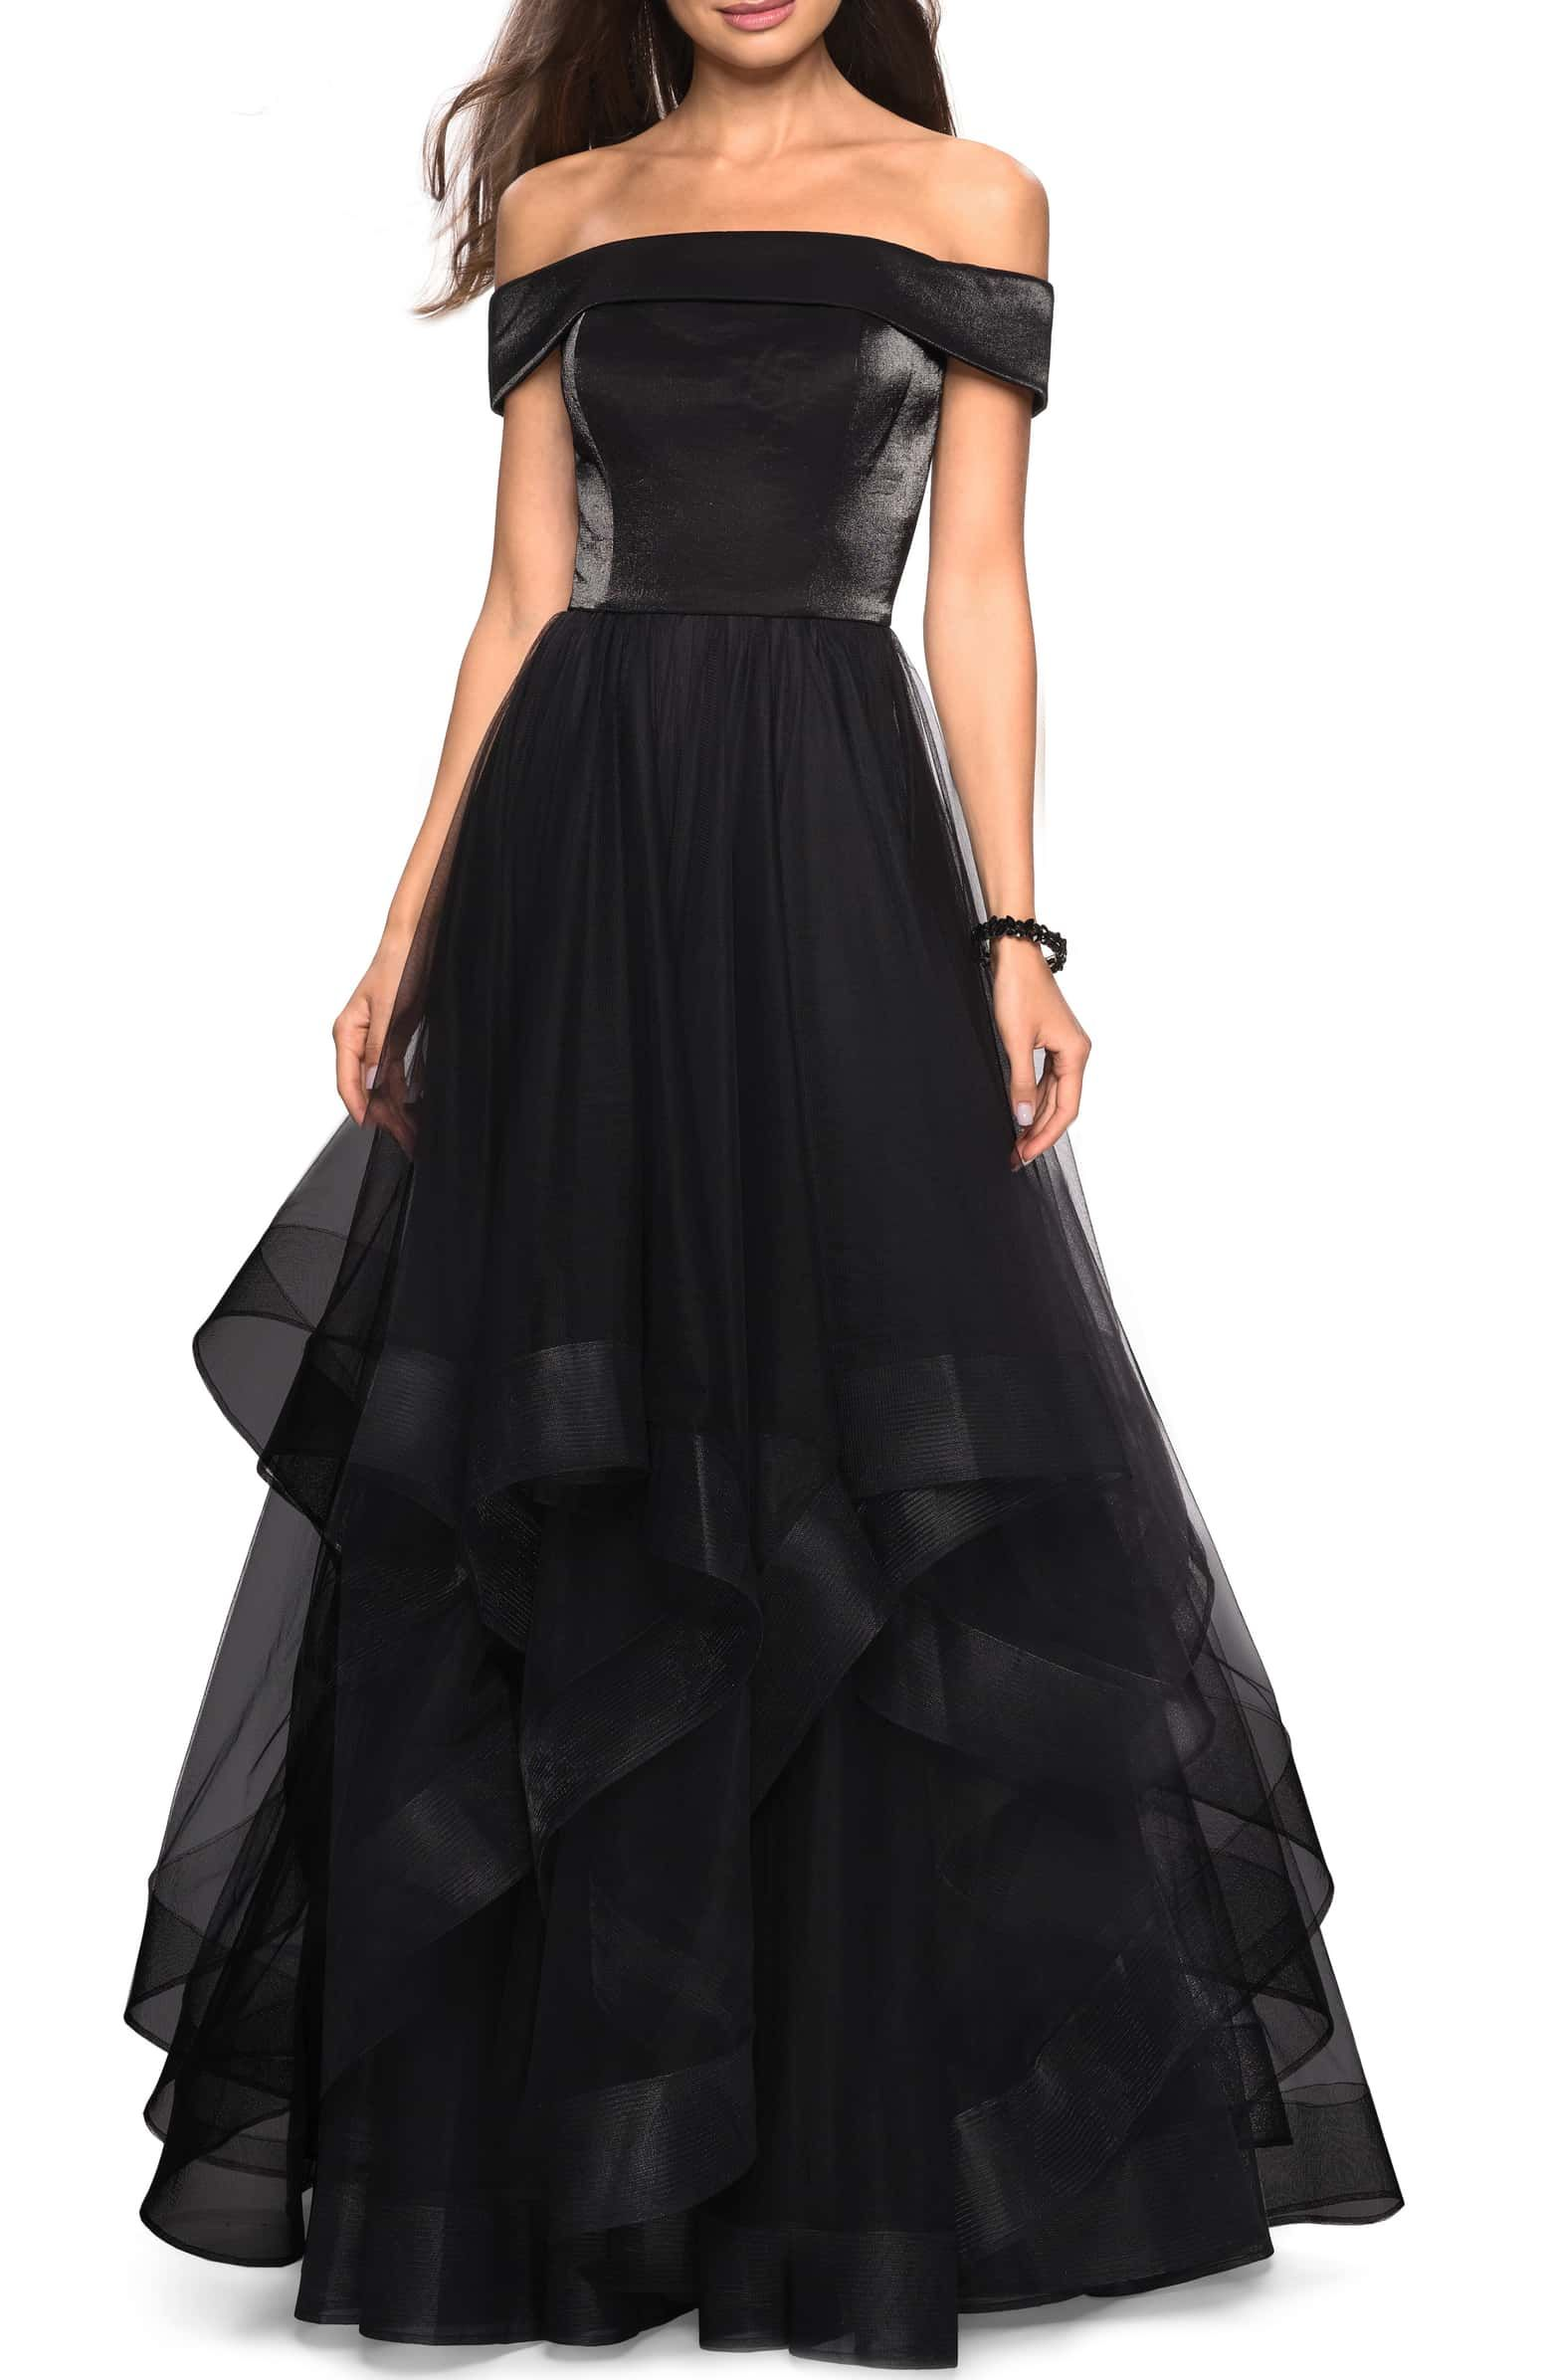 e93342cbb868 Off the Shoulder Evening Dress